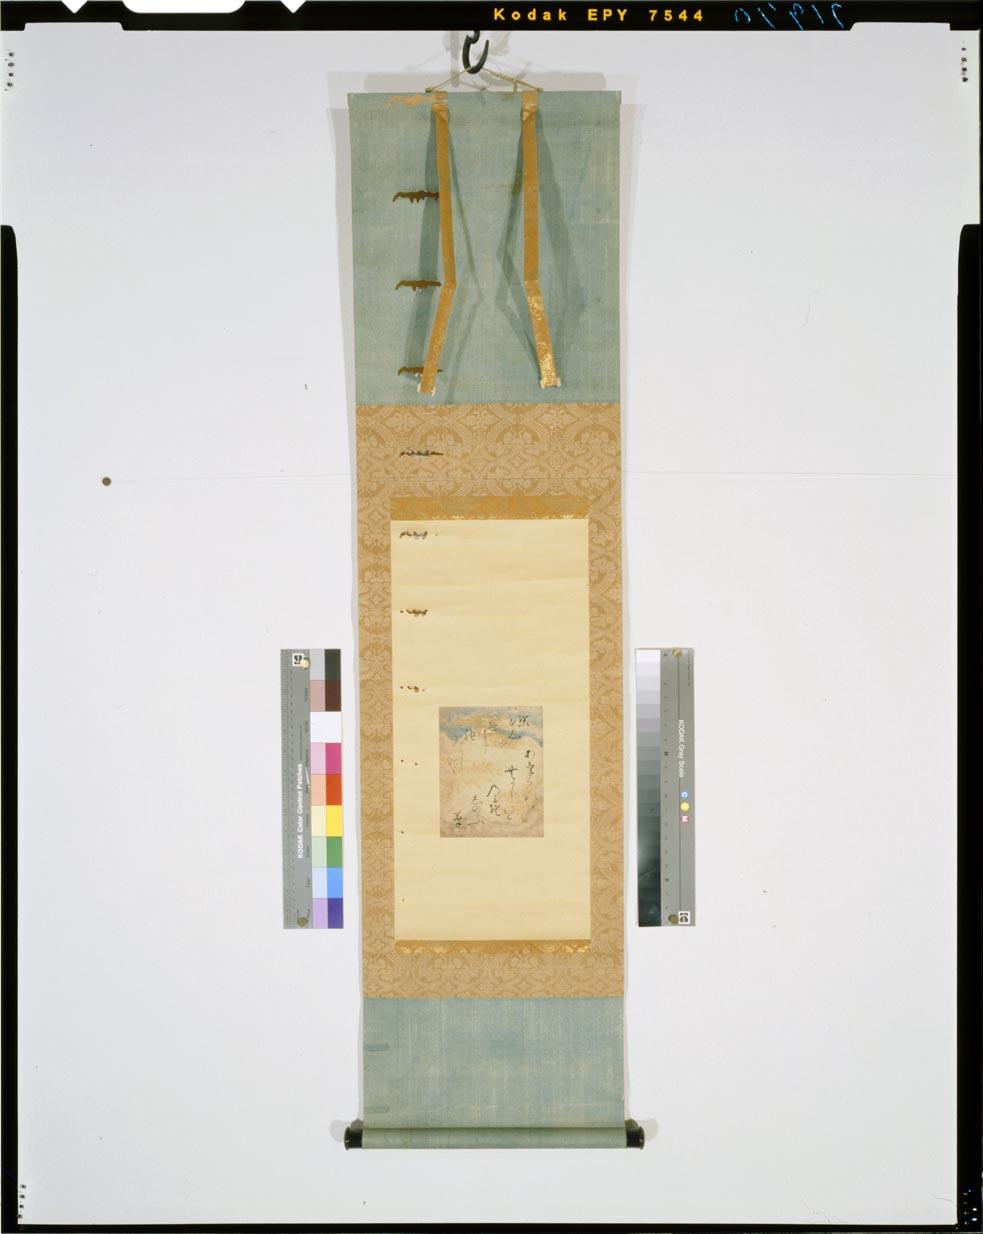 C0071970 伝後花園天皇和歌色紙 - 東京国立博物館 画像検索